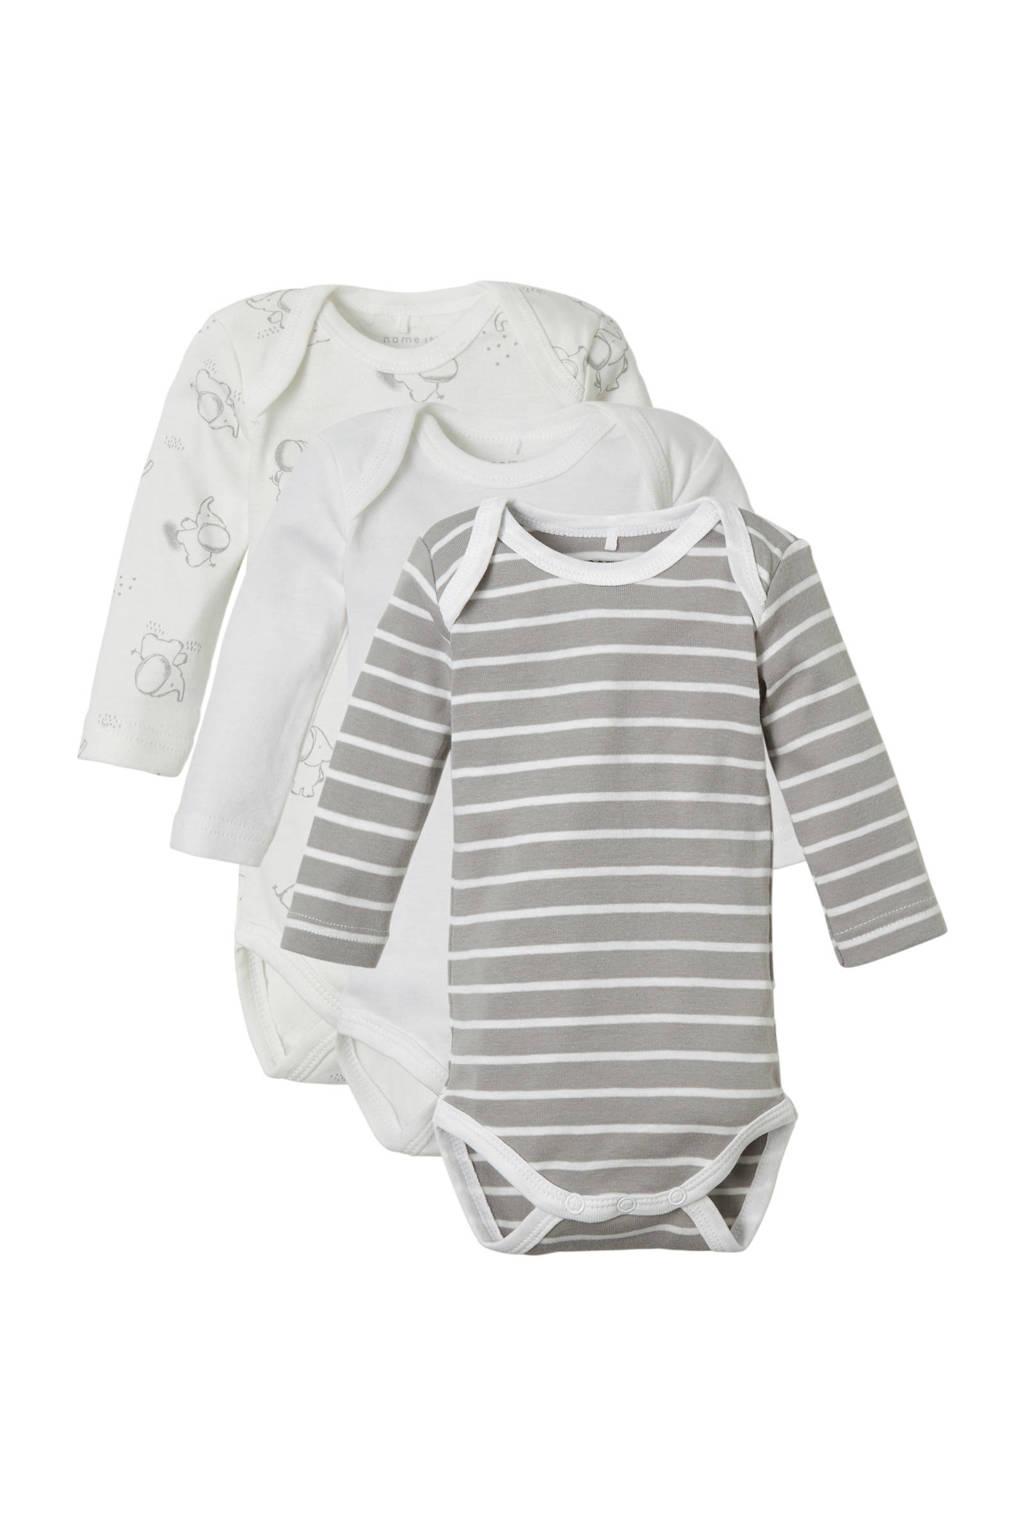 NAME IT BABY baby rompers - set van 3 wit/grijs, Wit/grijs